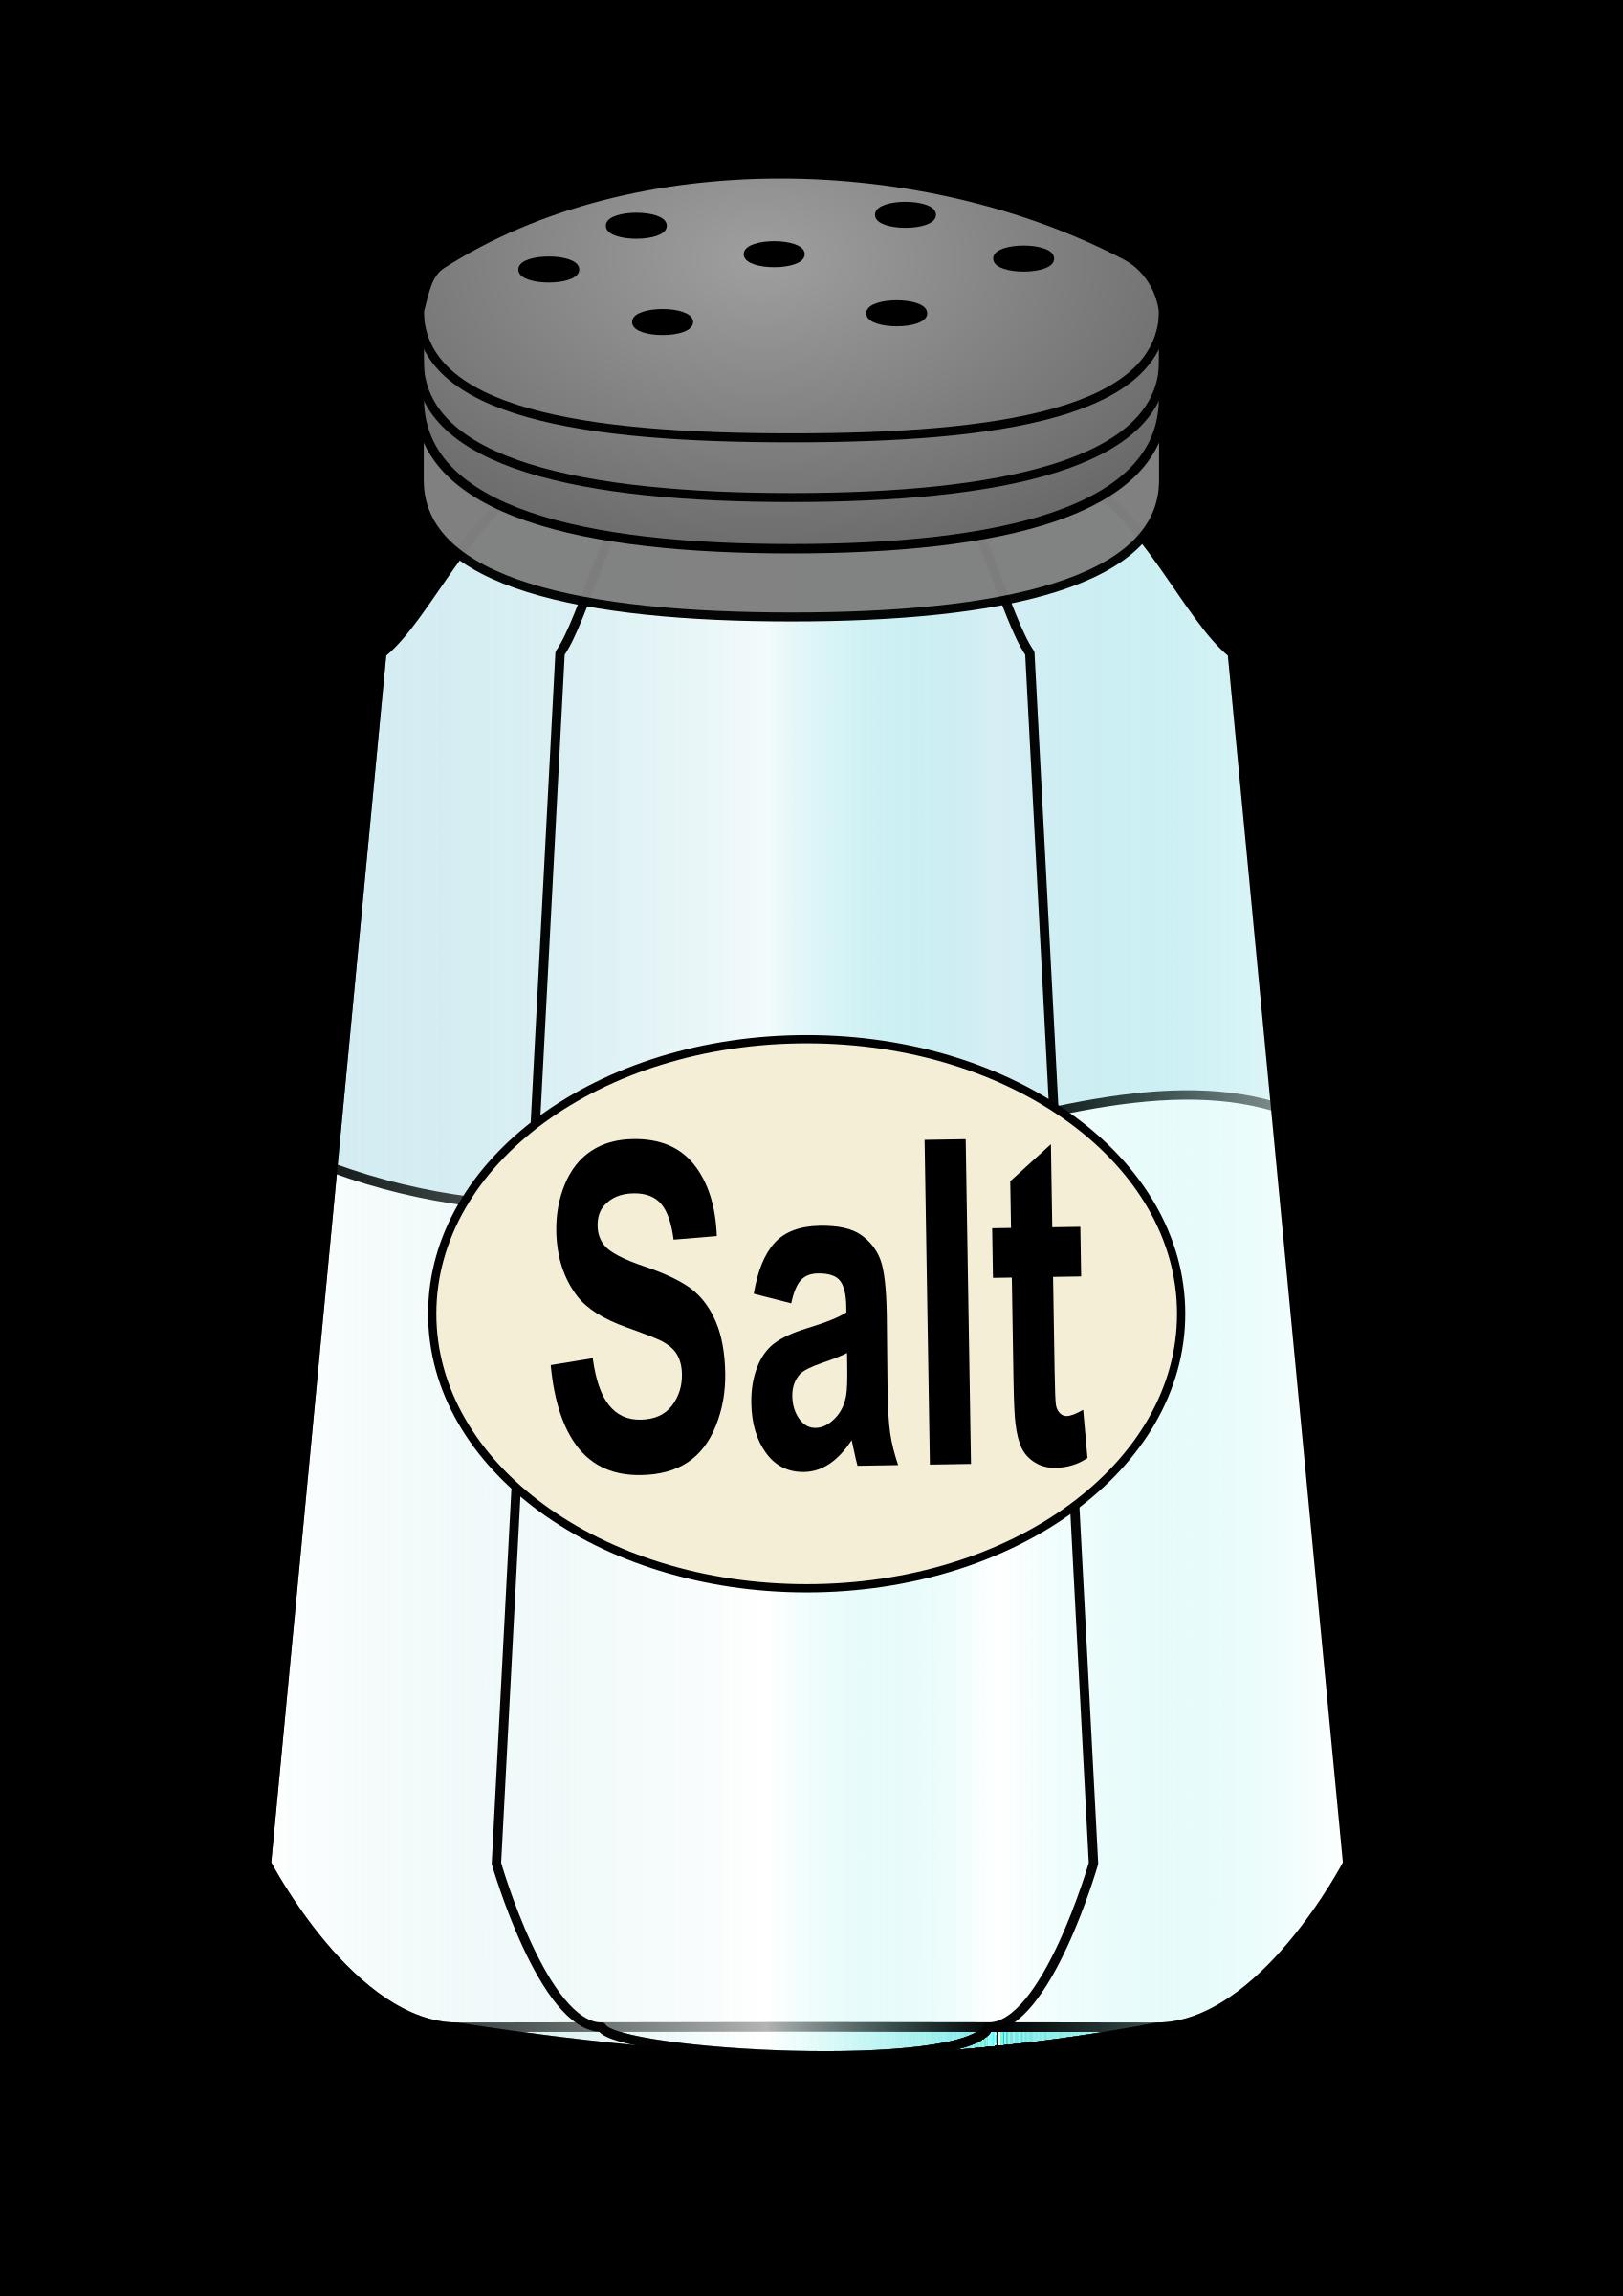 Salt shaker clipart.